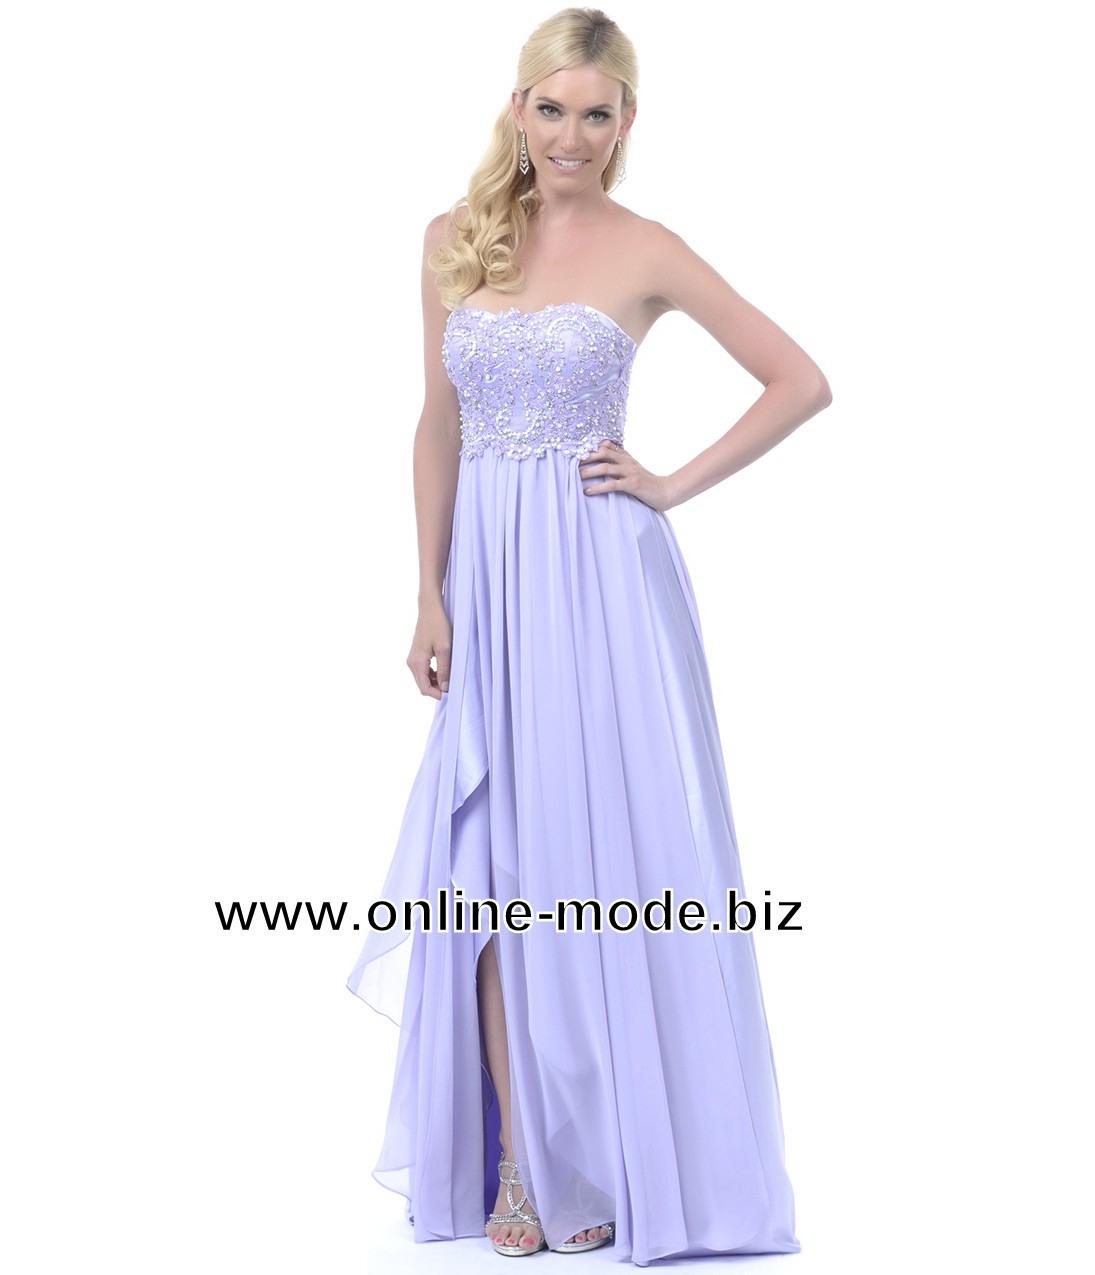 20 Genial Abendkleid Flieder Design Schön Abendkleid Flieder Vertrieb